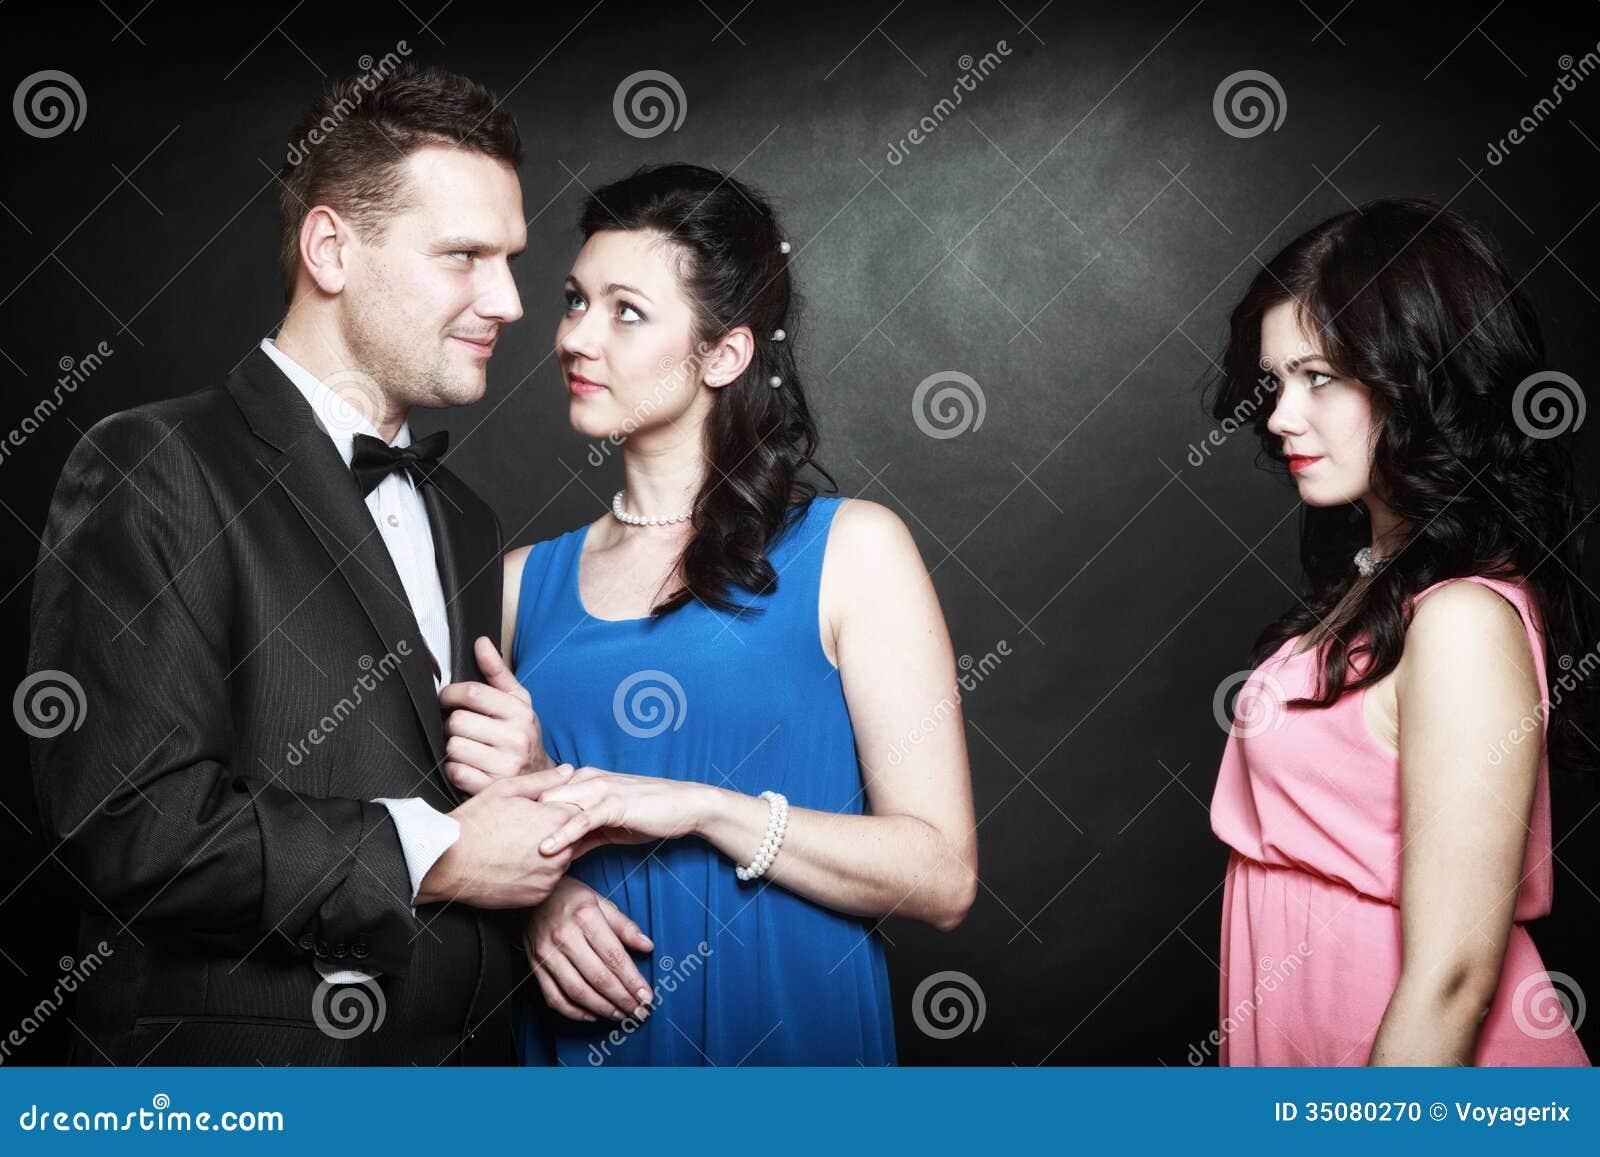 Conceito da infidelidade marital. Ódio da paixão do triângulo amoroso